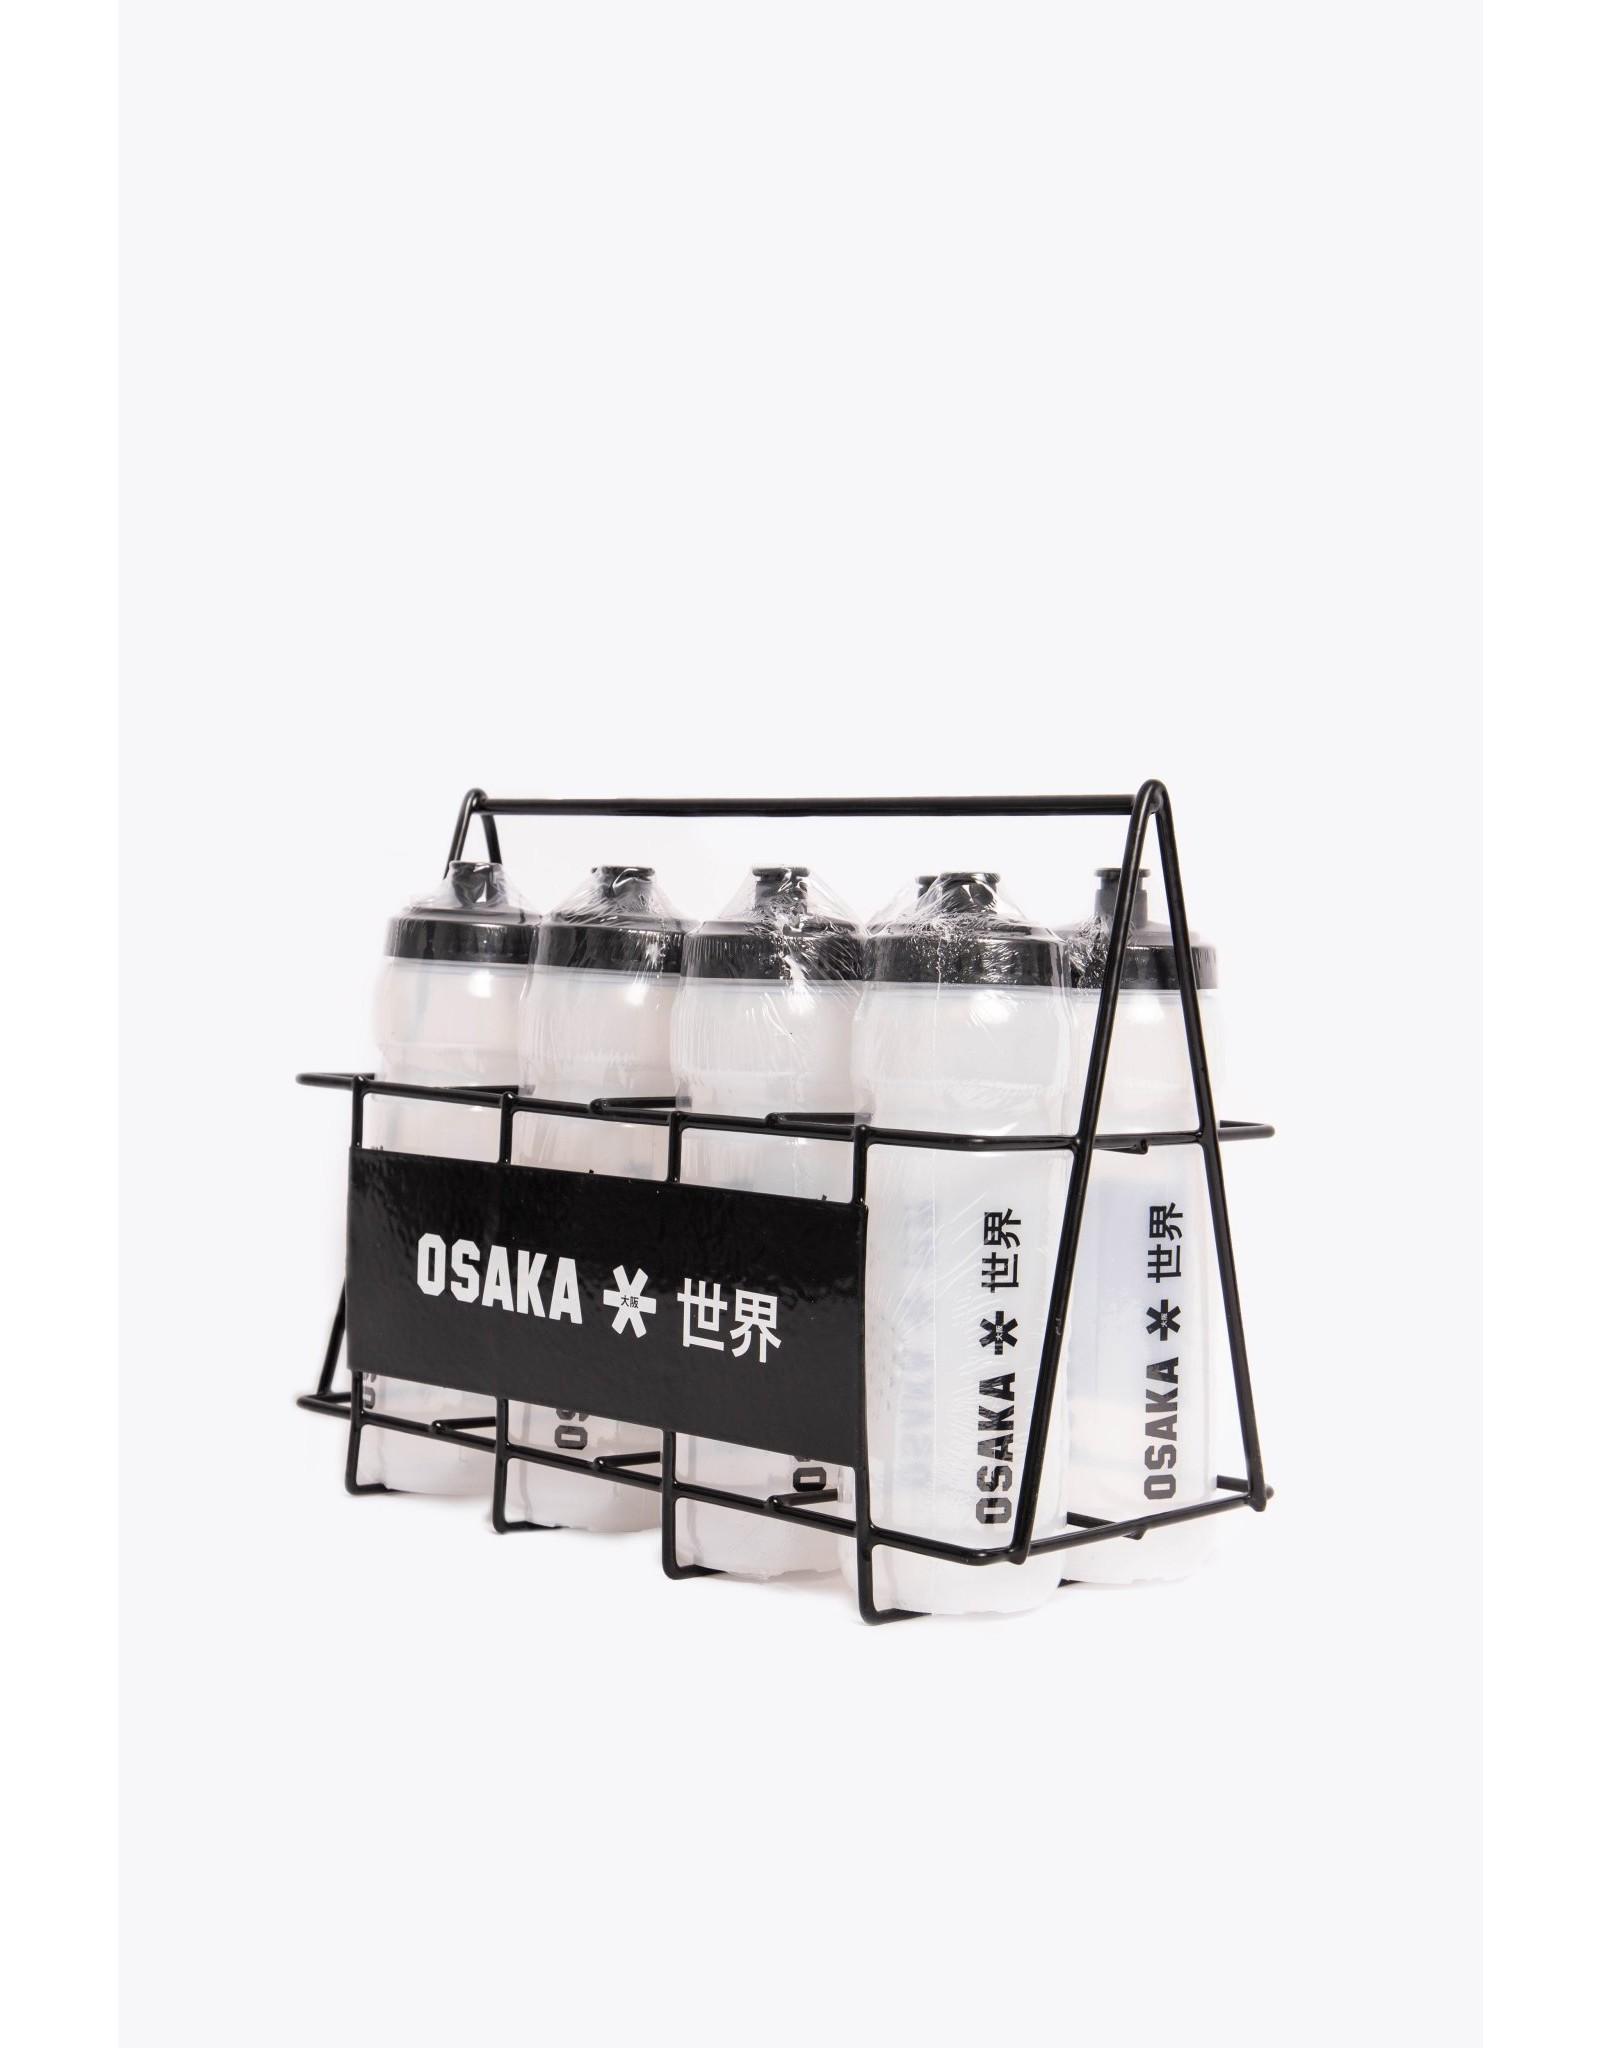 OSAKA OSAKA WATERBOTTLE CRATE 20-21